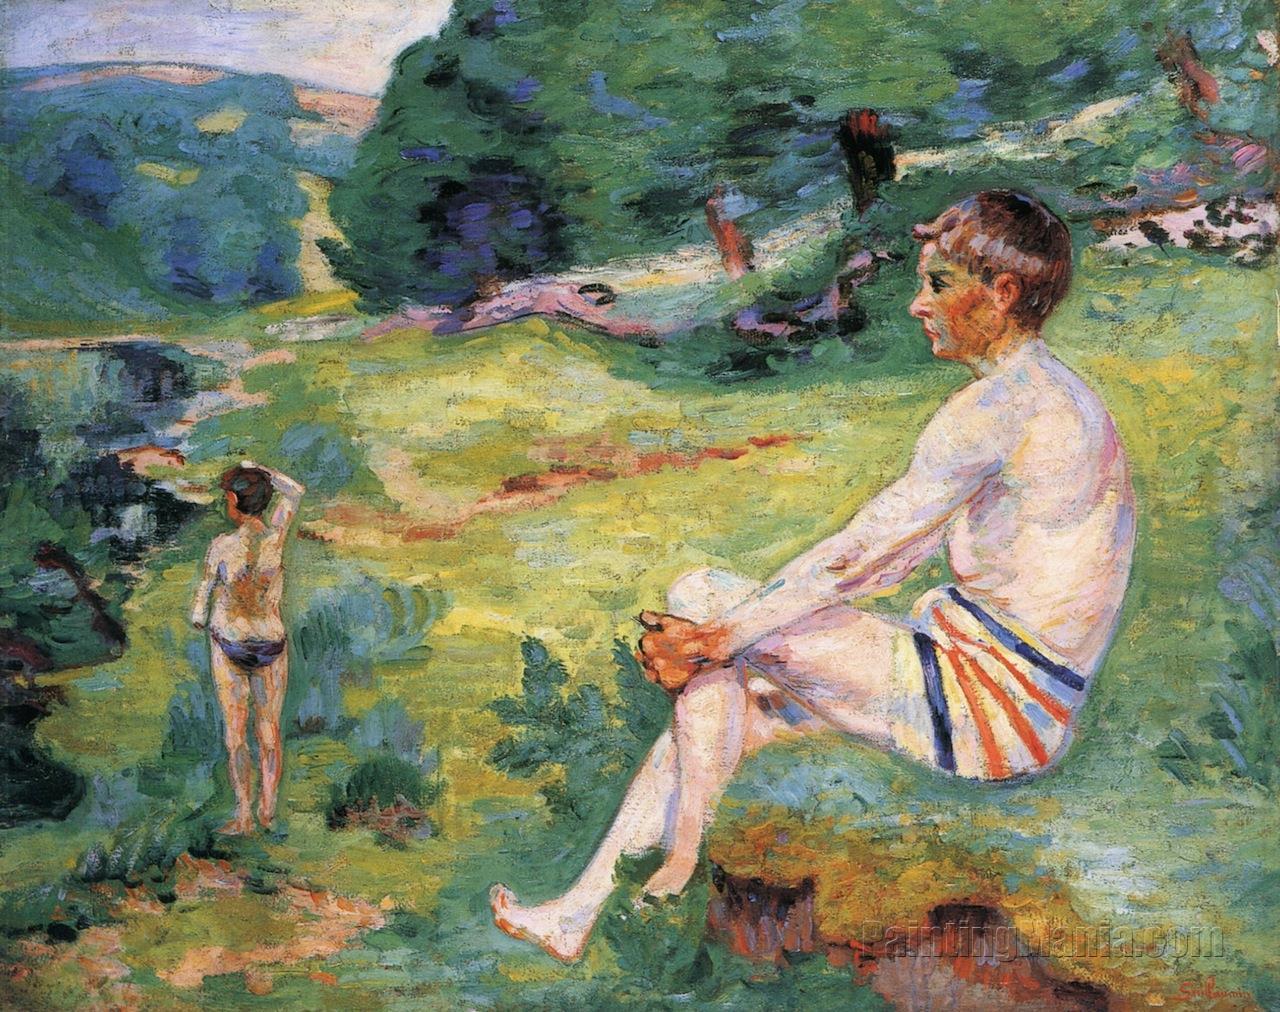 Bathers at Crozant